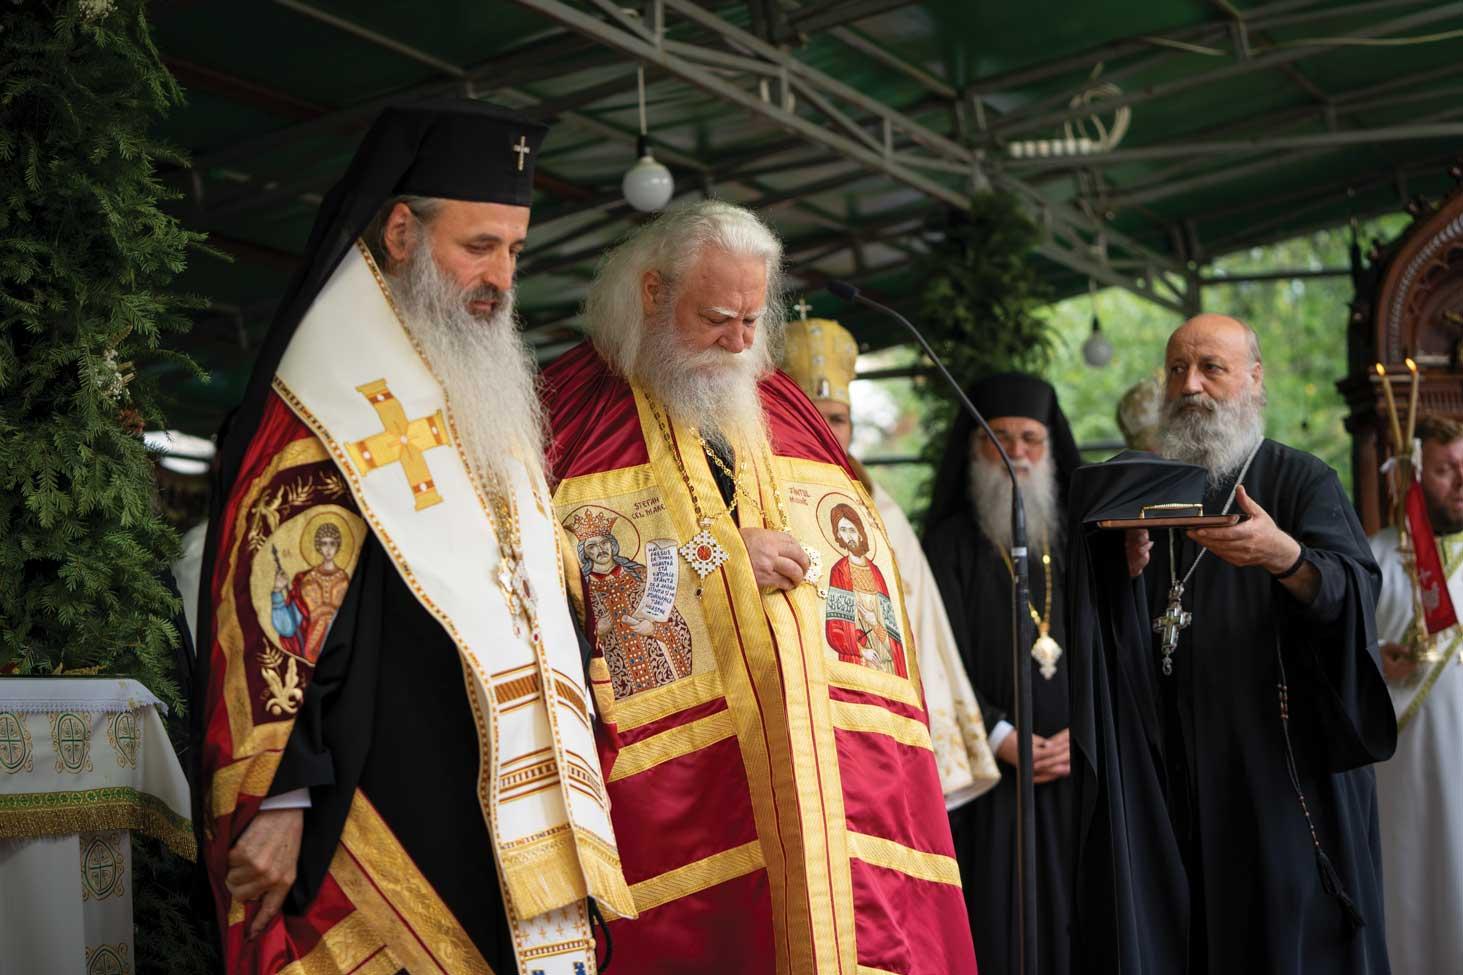 Întronizarea noului Arhiepiscop al Sucevei și Rădăuților